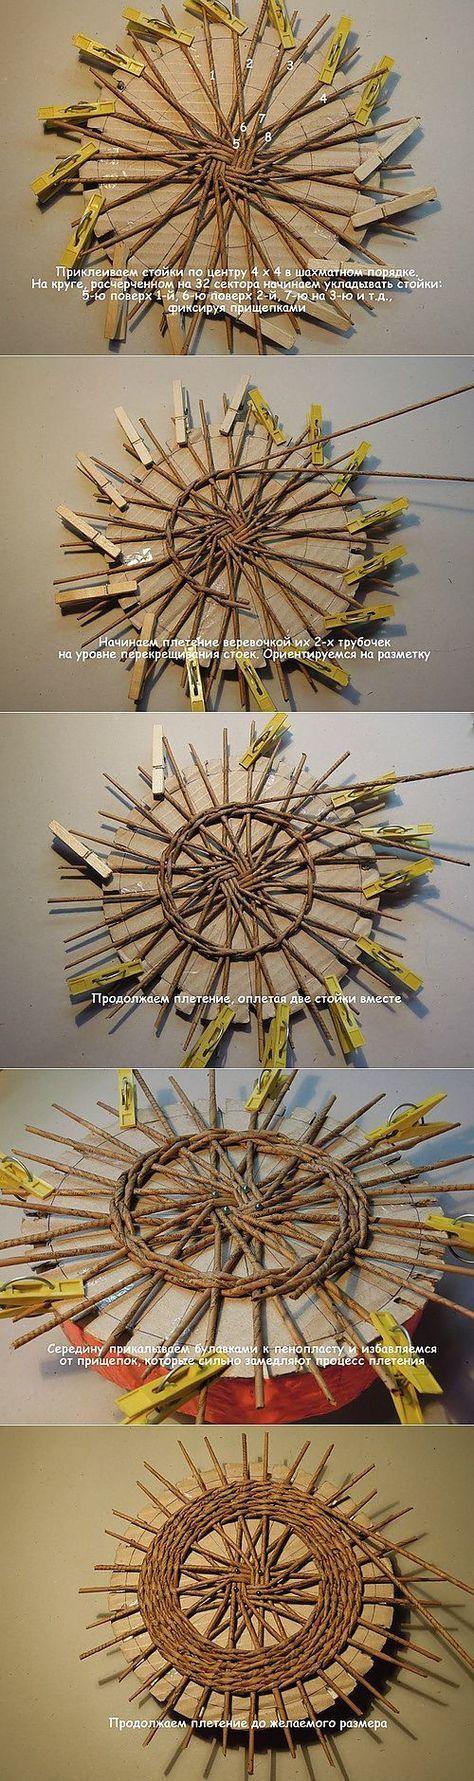 Урок плетения крышки для корзиночки - ДЕКУПАЖ и ПЛЕТЕНИЕ из бумаги | Плетение из газет | Постила